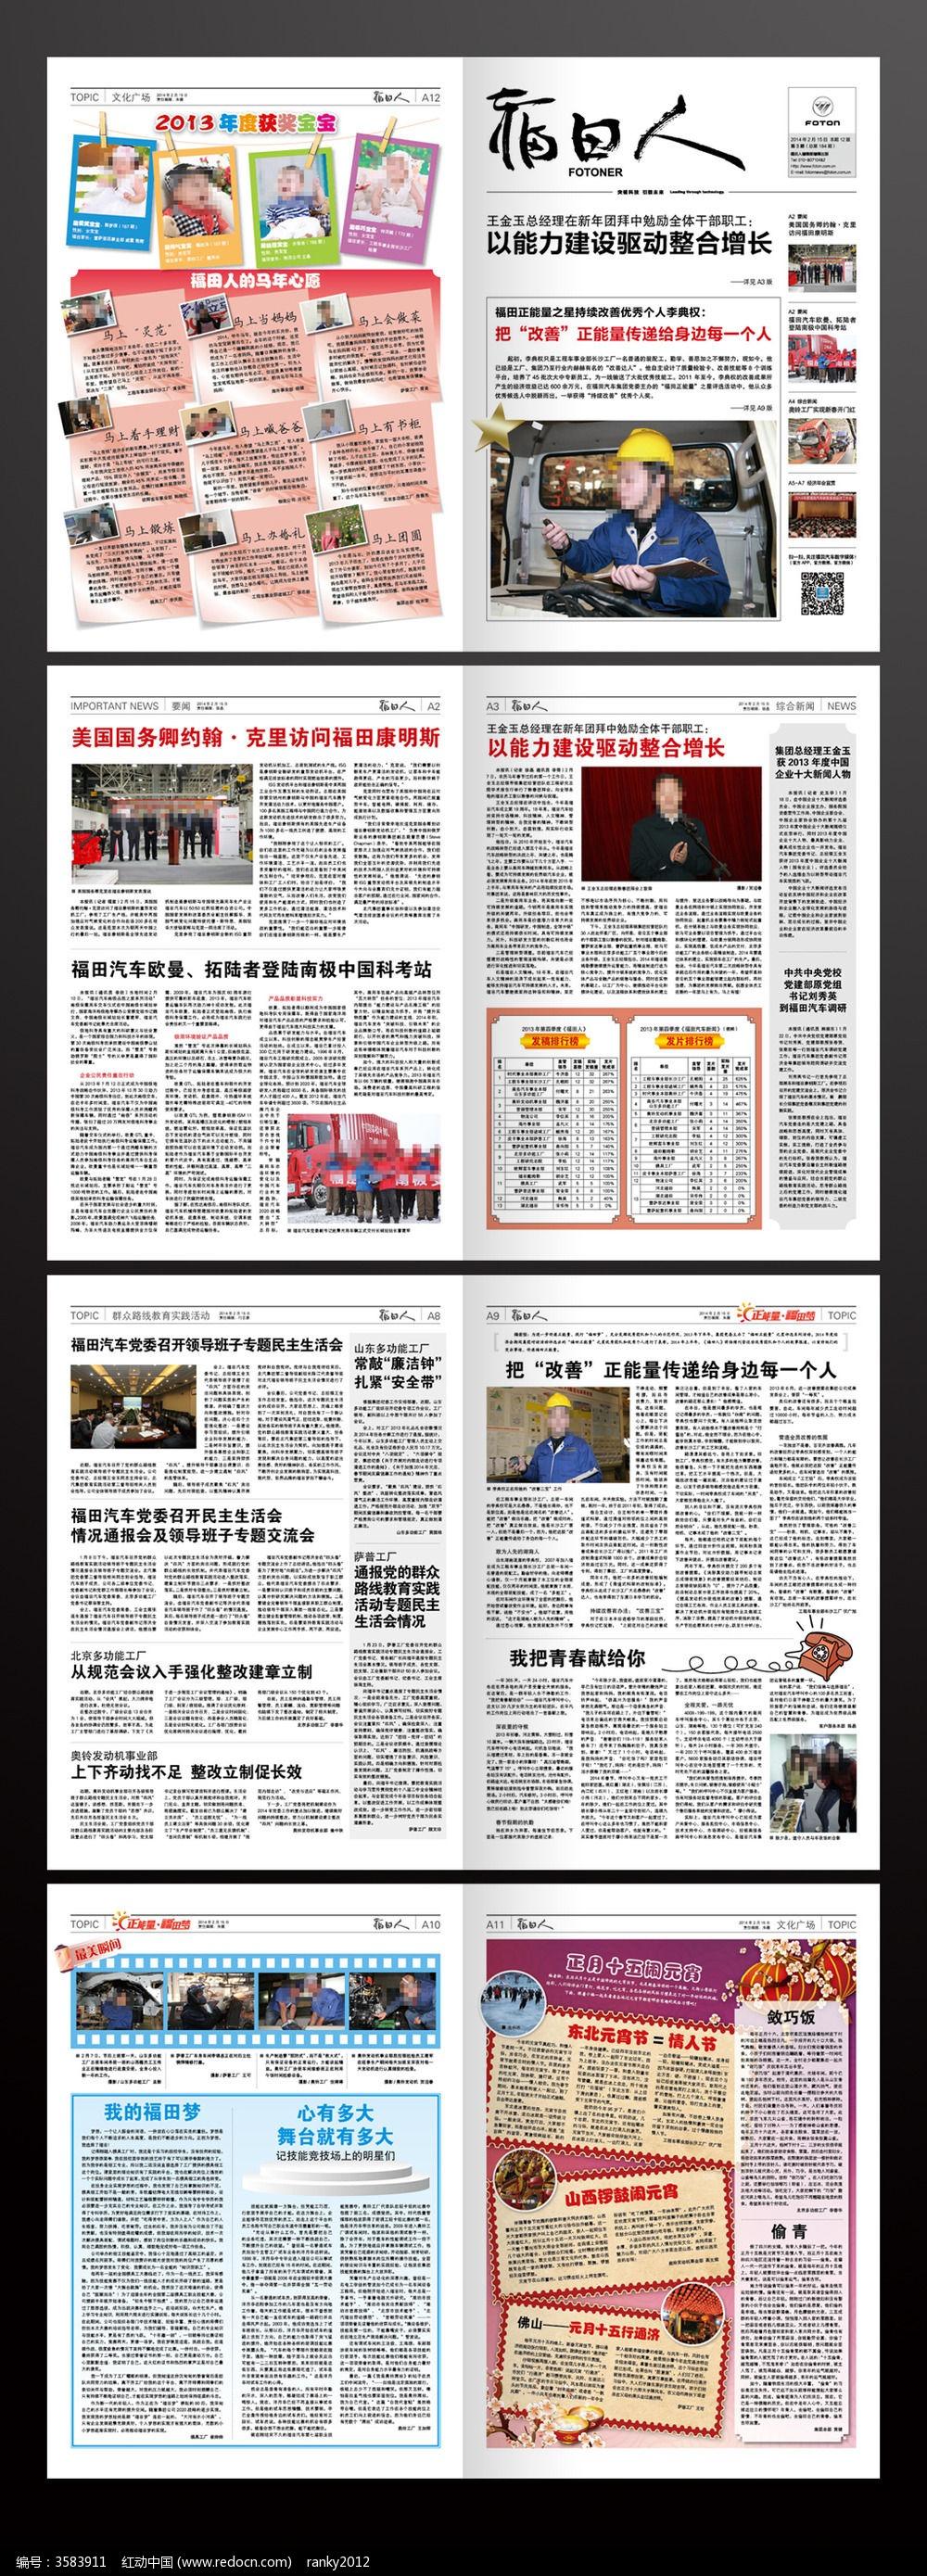 经典报纸版式设计indd格式图片